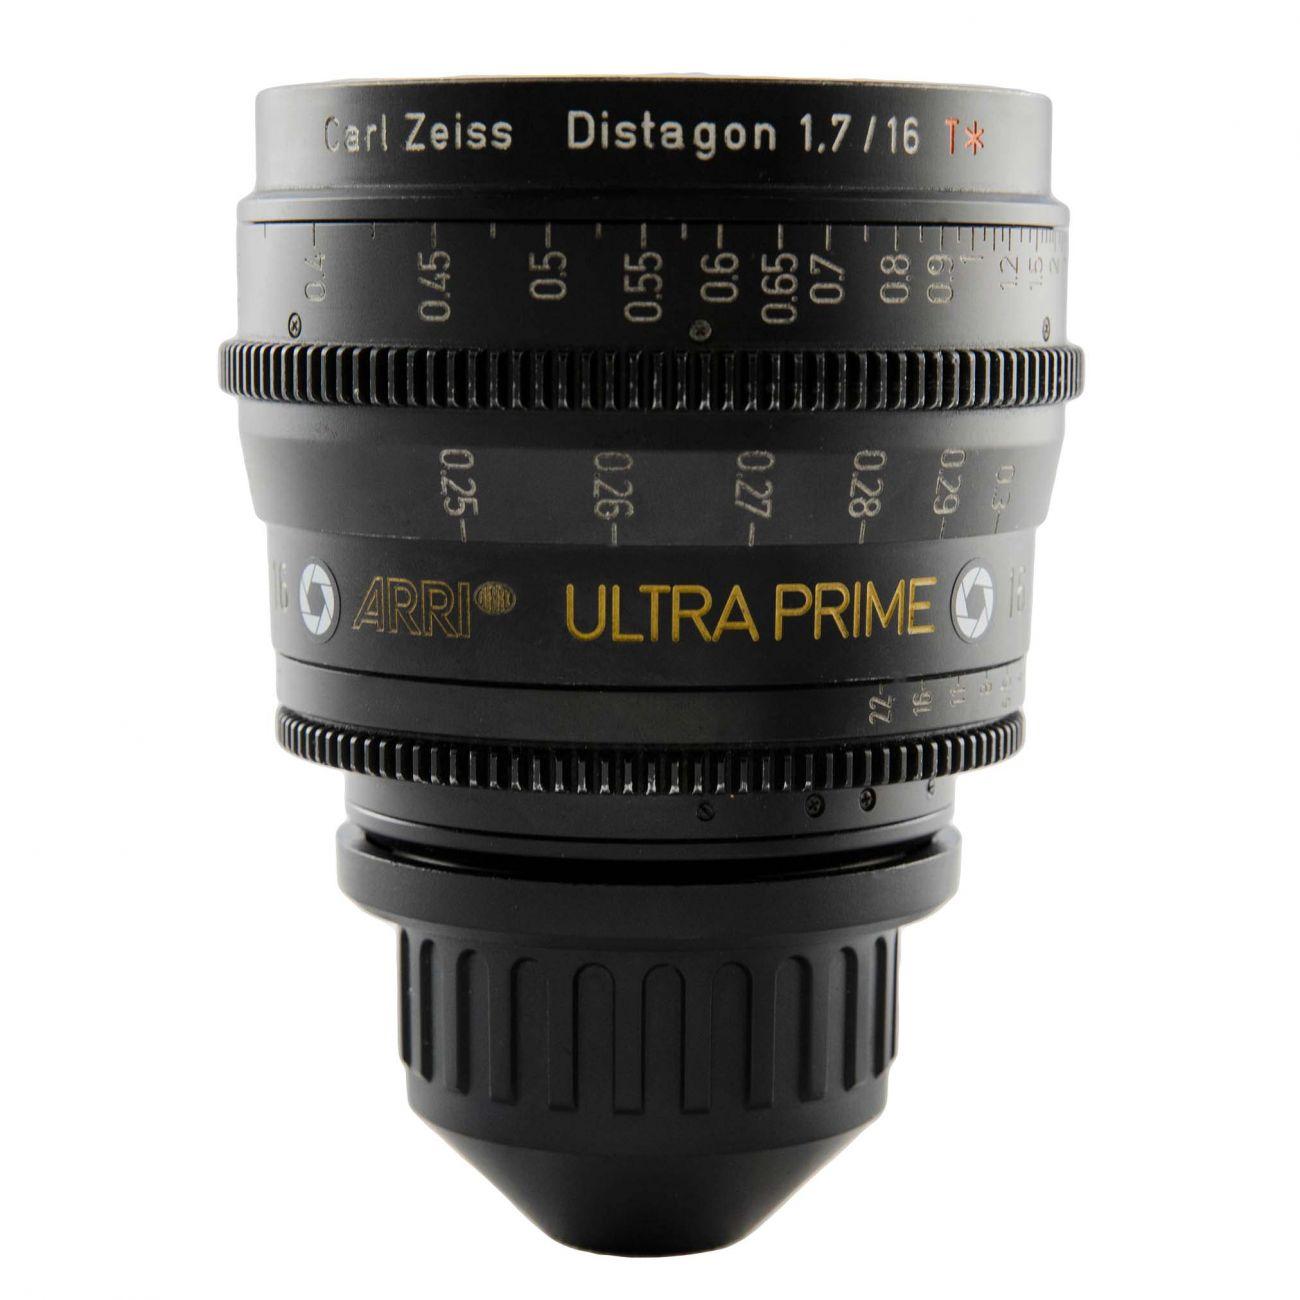 16mm ARRI ULTRA PRIME Lens T1.9